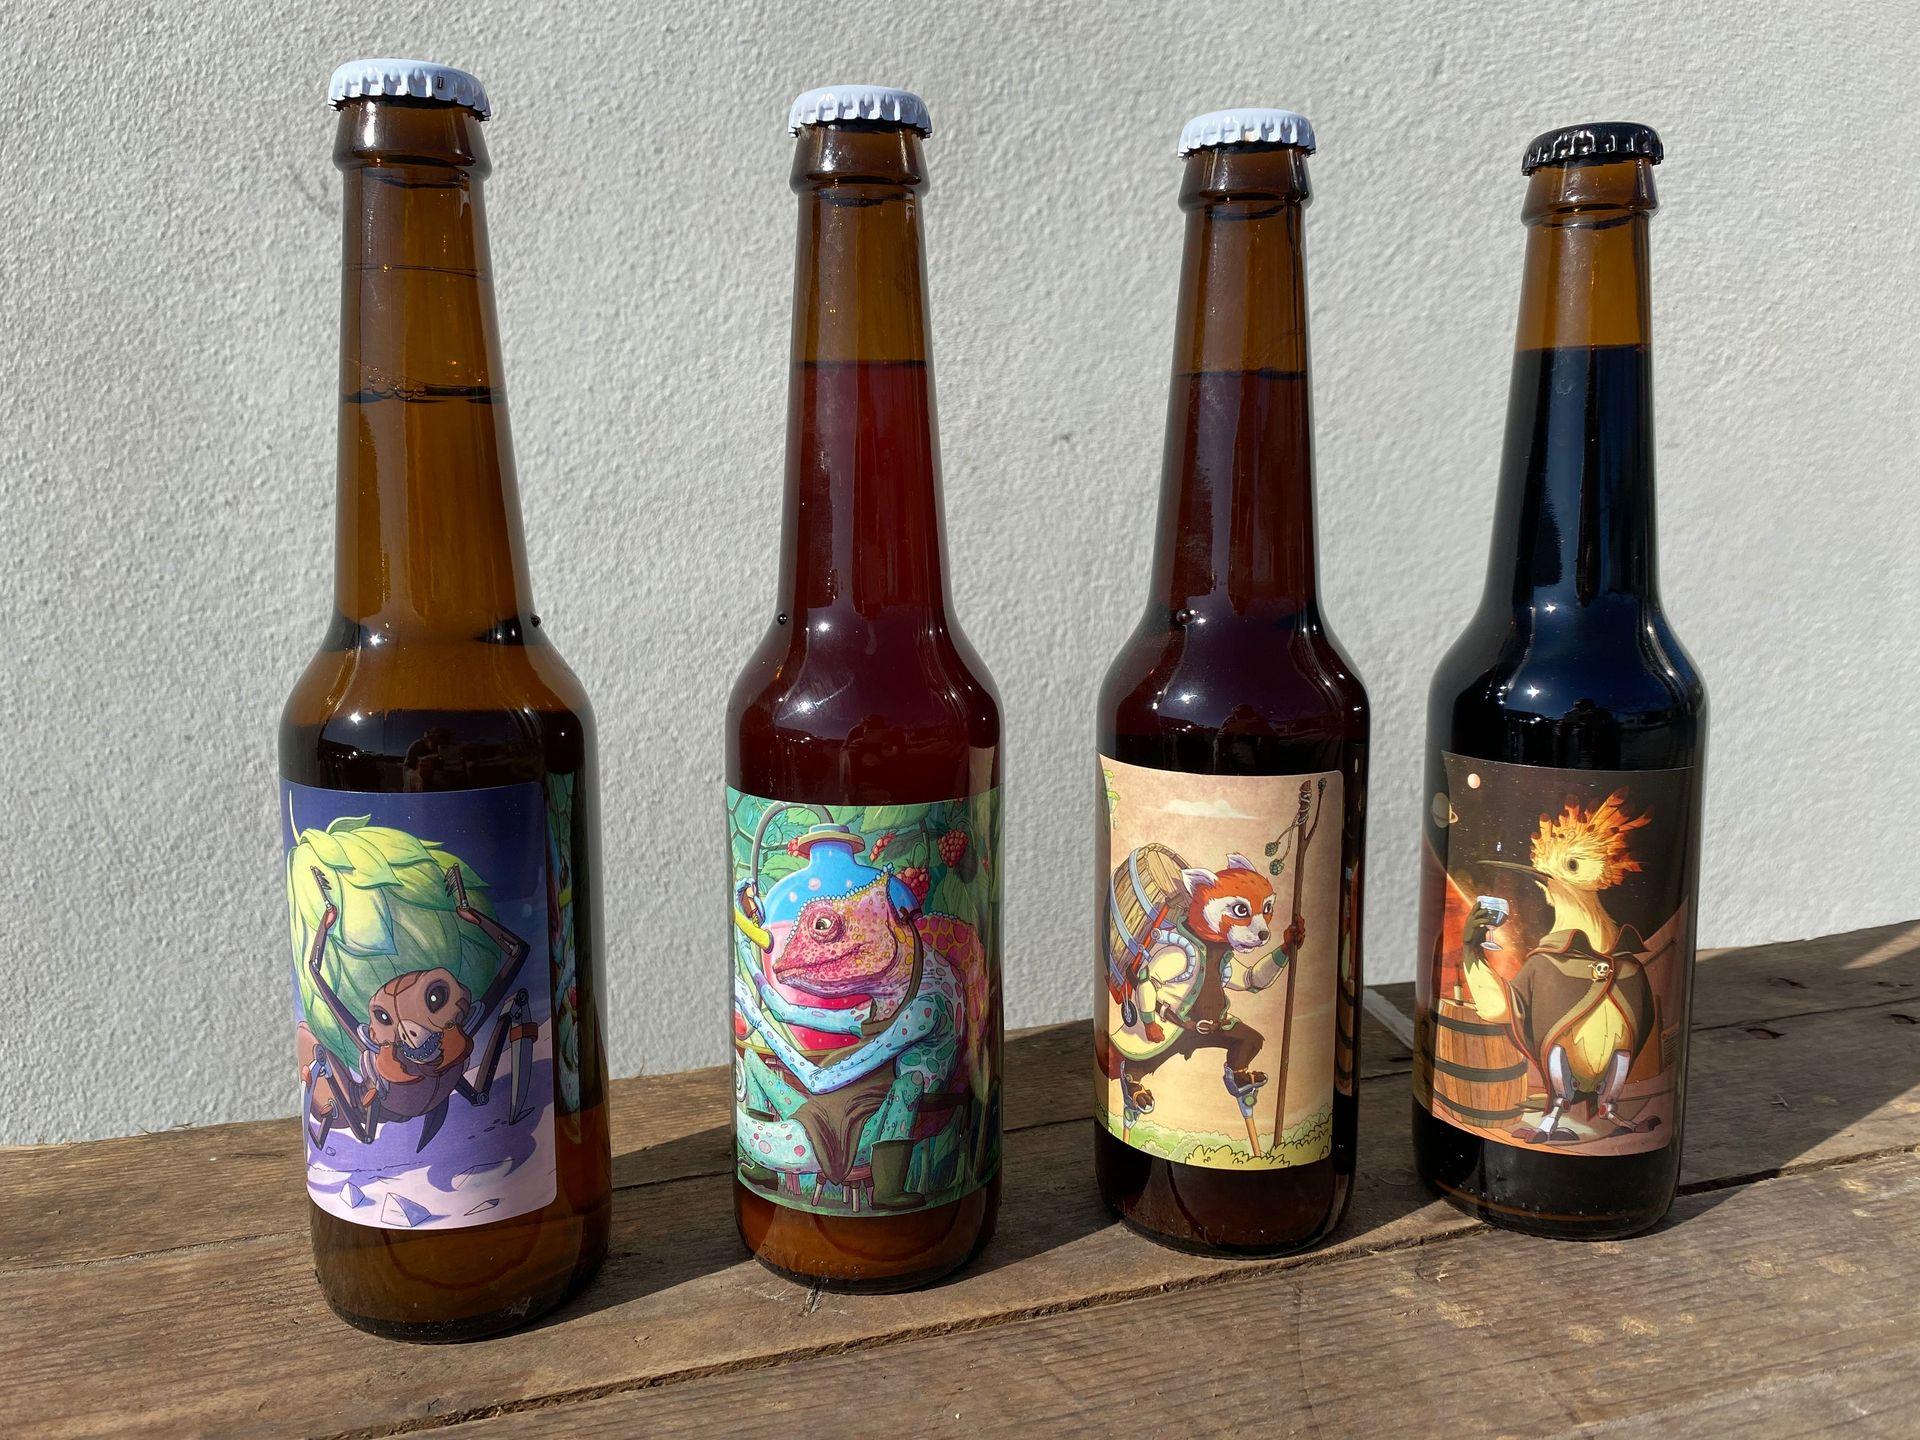 Castelnau le lez, 4 bouteilles de bières de la Brasserie artisanale Zoobrew